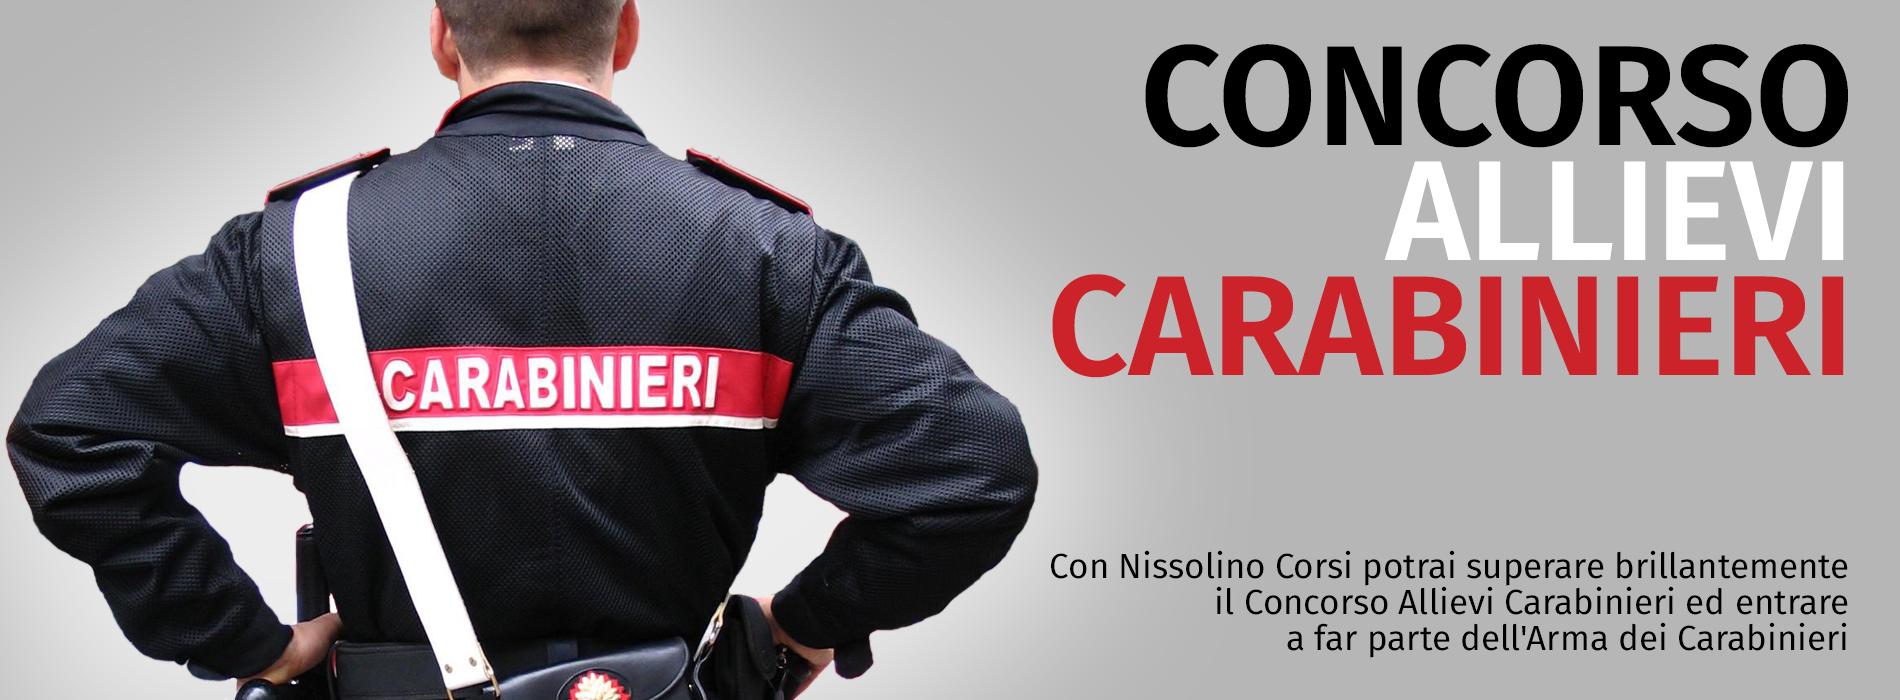 Concorso 2.000 Allievi Carabinieri 2018 (Aperto ai Civili) - Avviso Presentazione Titoli di Merito